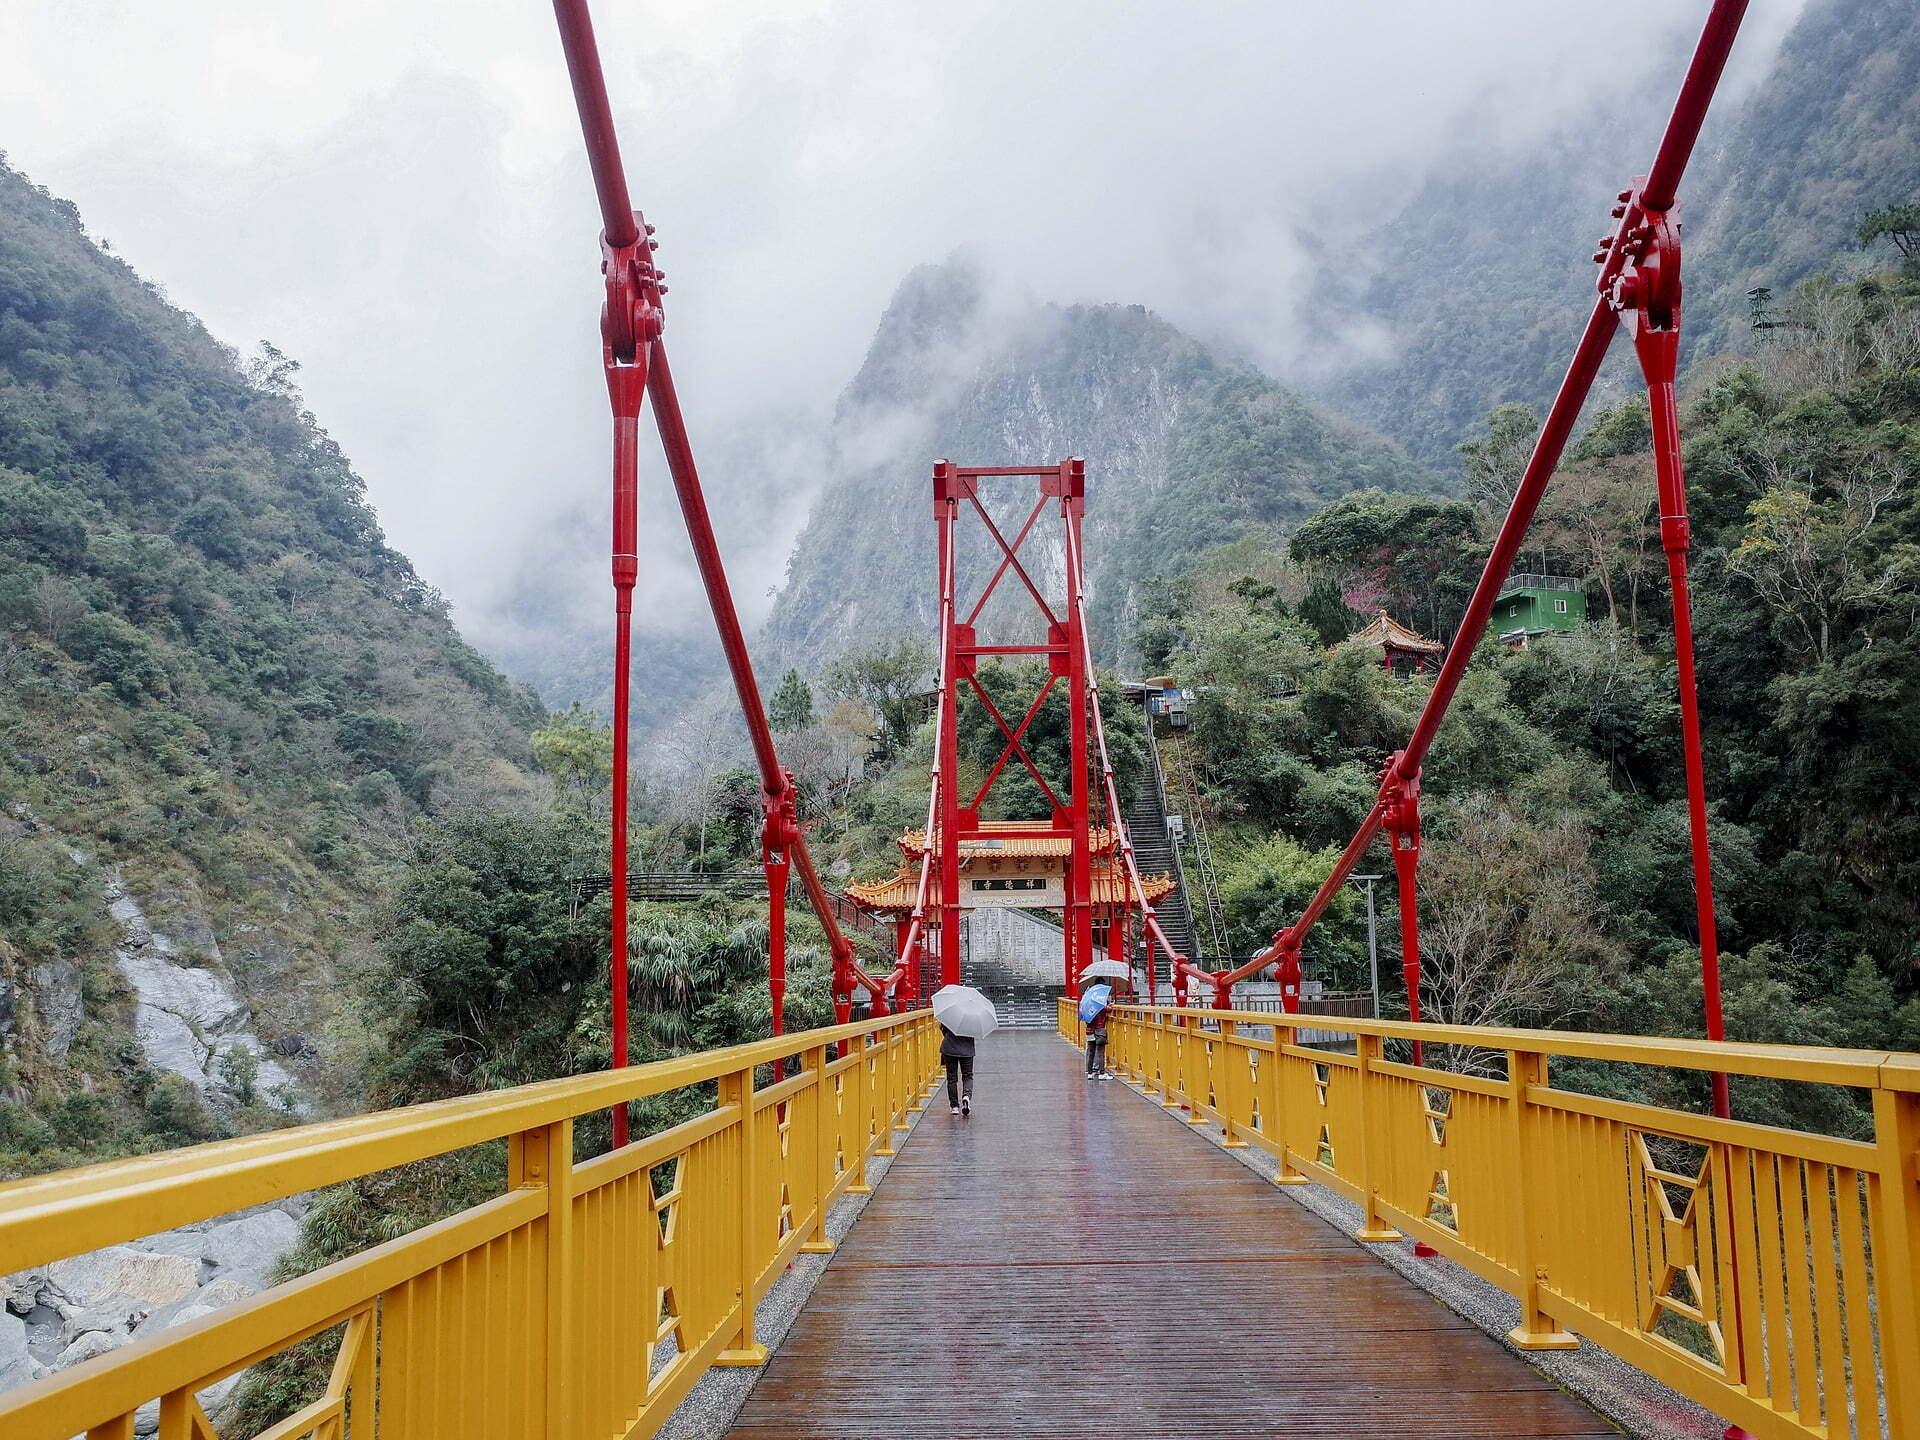 รูปภาพ : เที่ยวไต้หวัน อุทยานแห่งชาติทาโระโกะ (Taroko National Park)